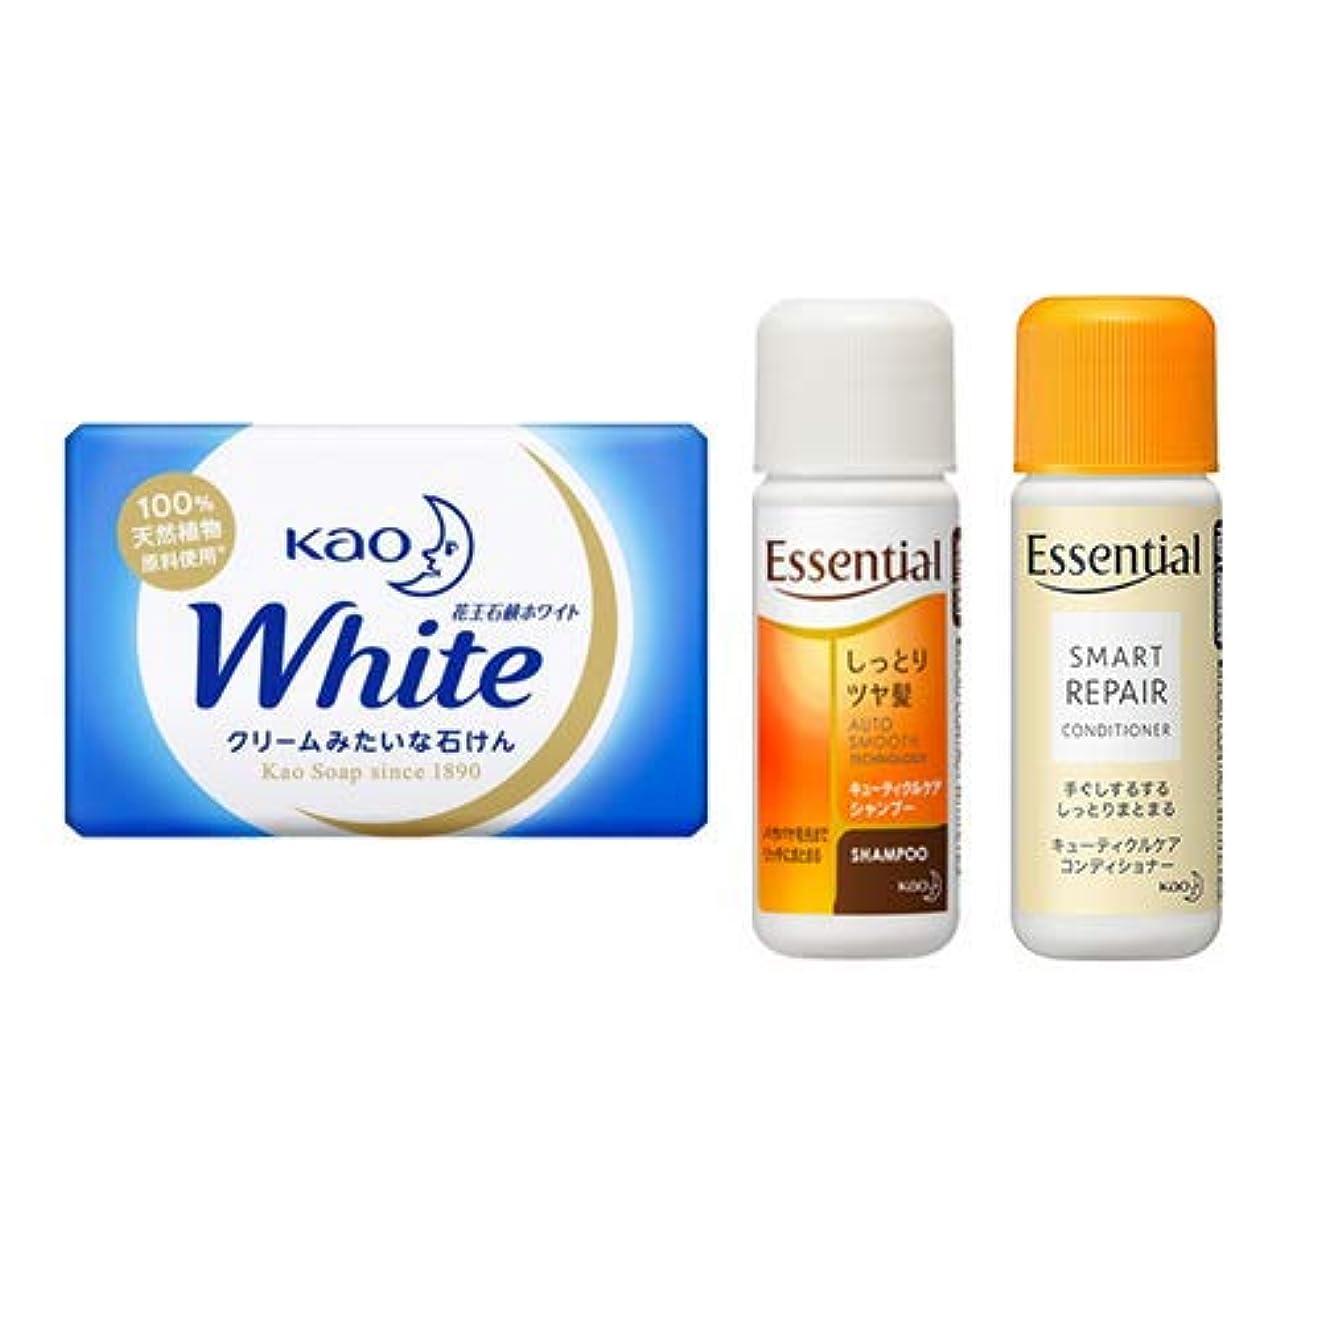 コンパイルできる引退する花王(KAO) 石鹸ホワイト(Kao Soap White) 15g + エッセンシャルシャンプー 16ml + コンディショナー 16ml セット